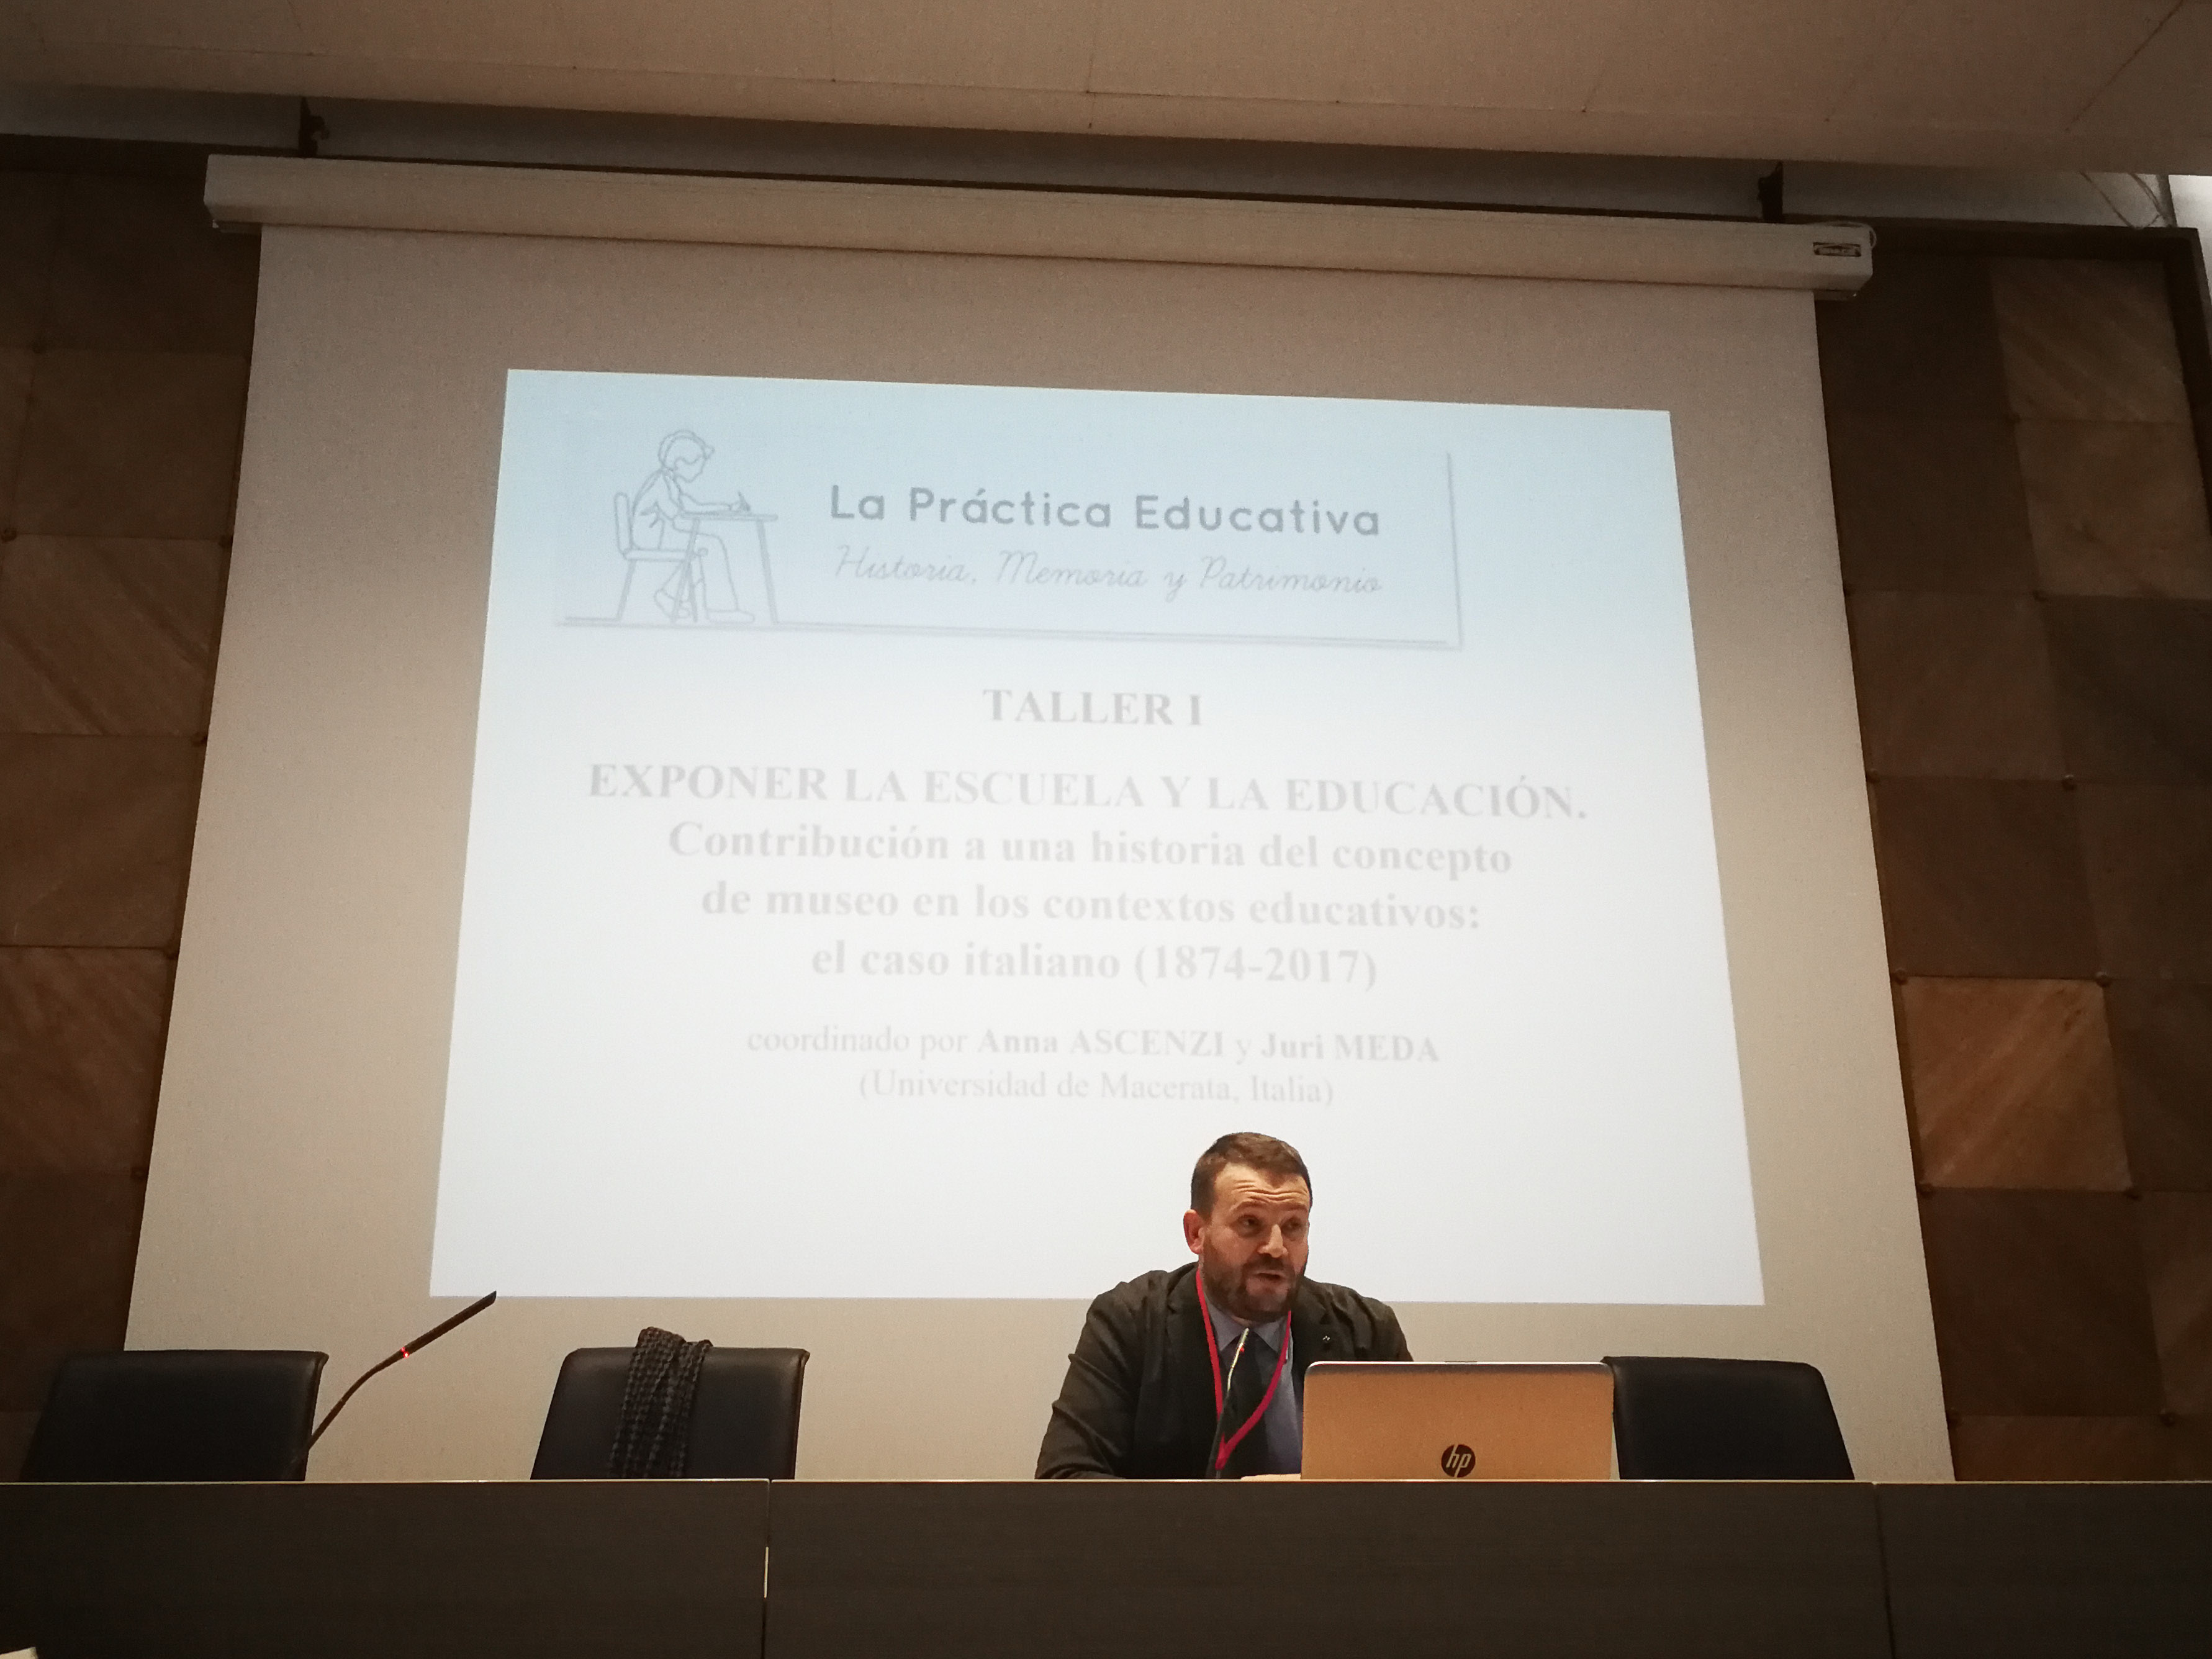 La practica educativa_PalmadiMaiorca-153714